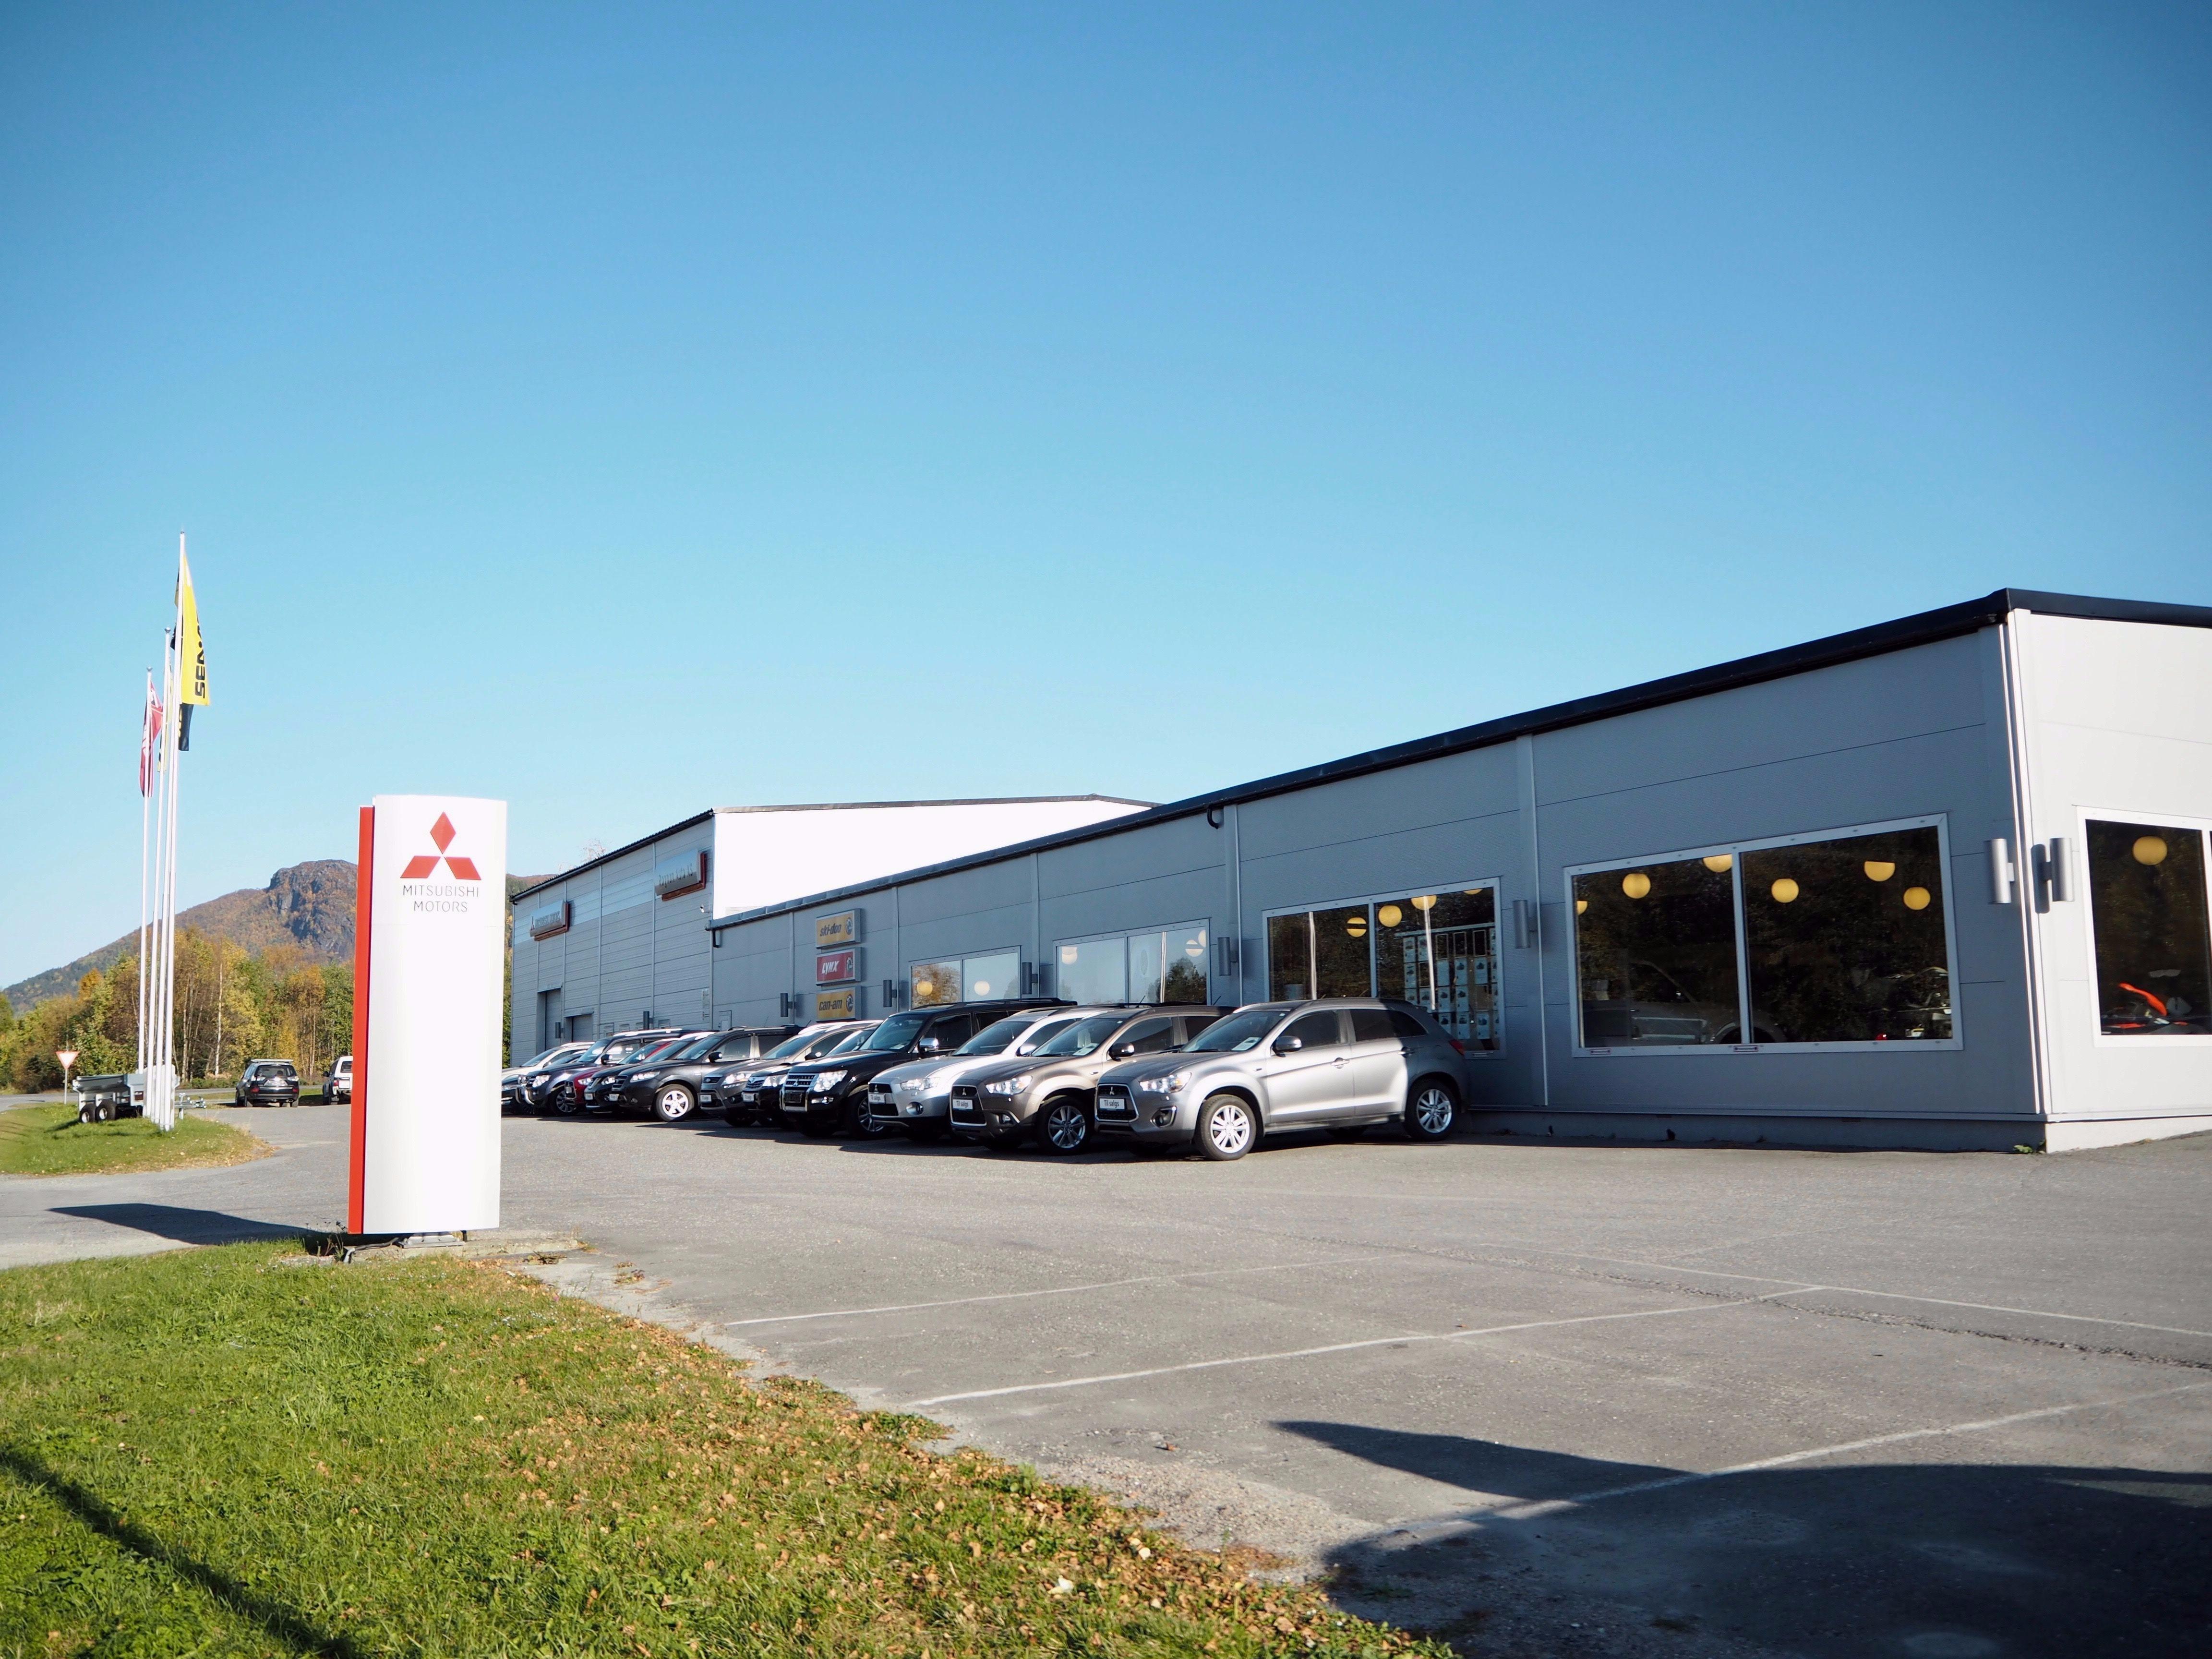 56432468 Rognan Auto AS forhandler Mitsubishi samt BRP merkene Lynx, Ski-Doo og  Can-Am. I vårt anlegg har 22 medarbeidere sitt arbeide – fra salg til  lakkering.